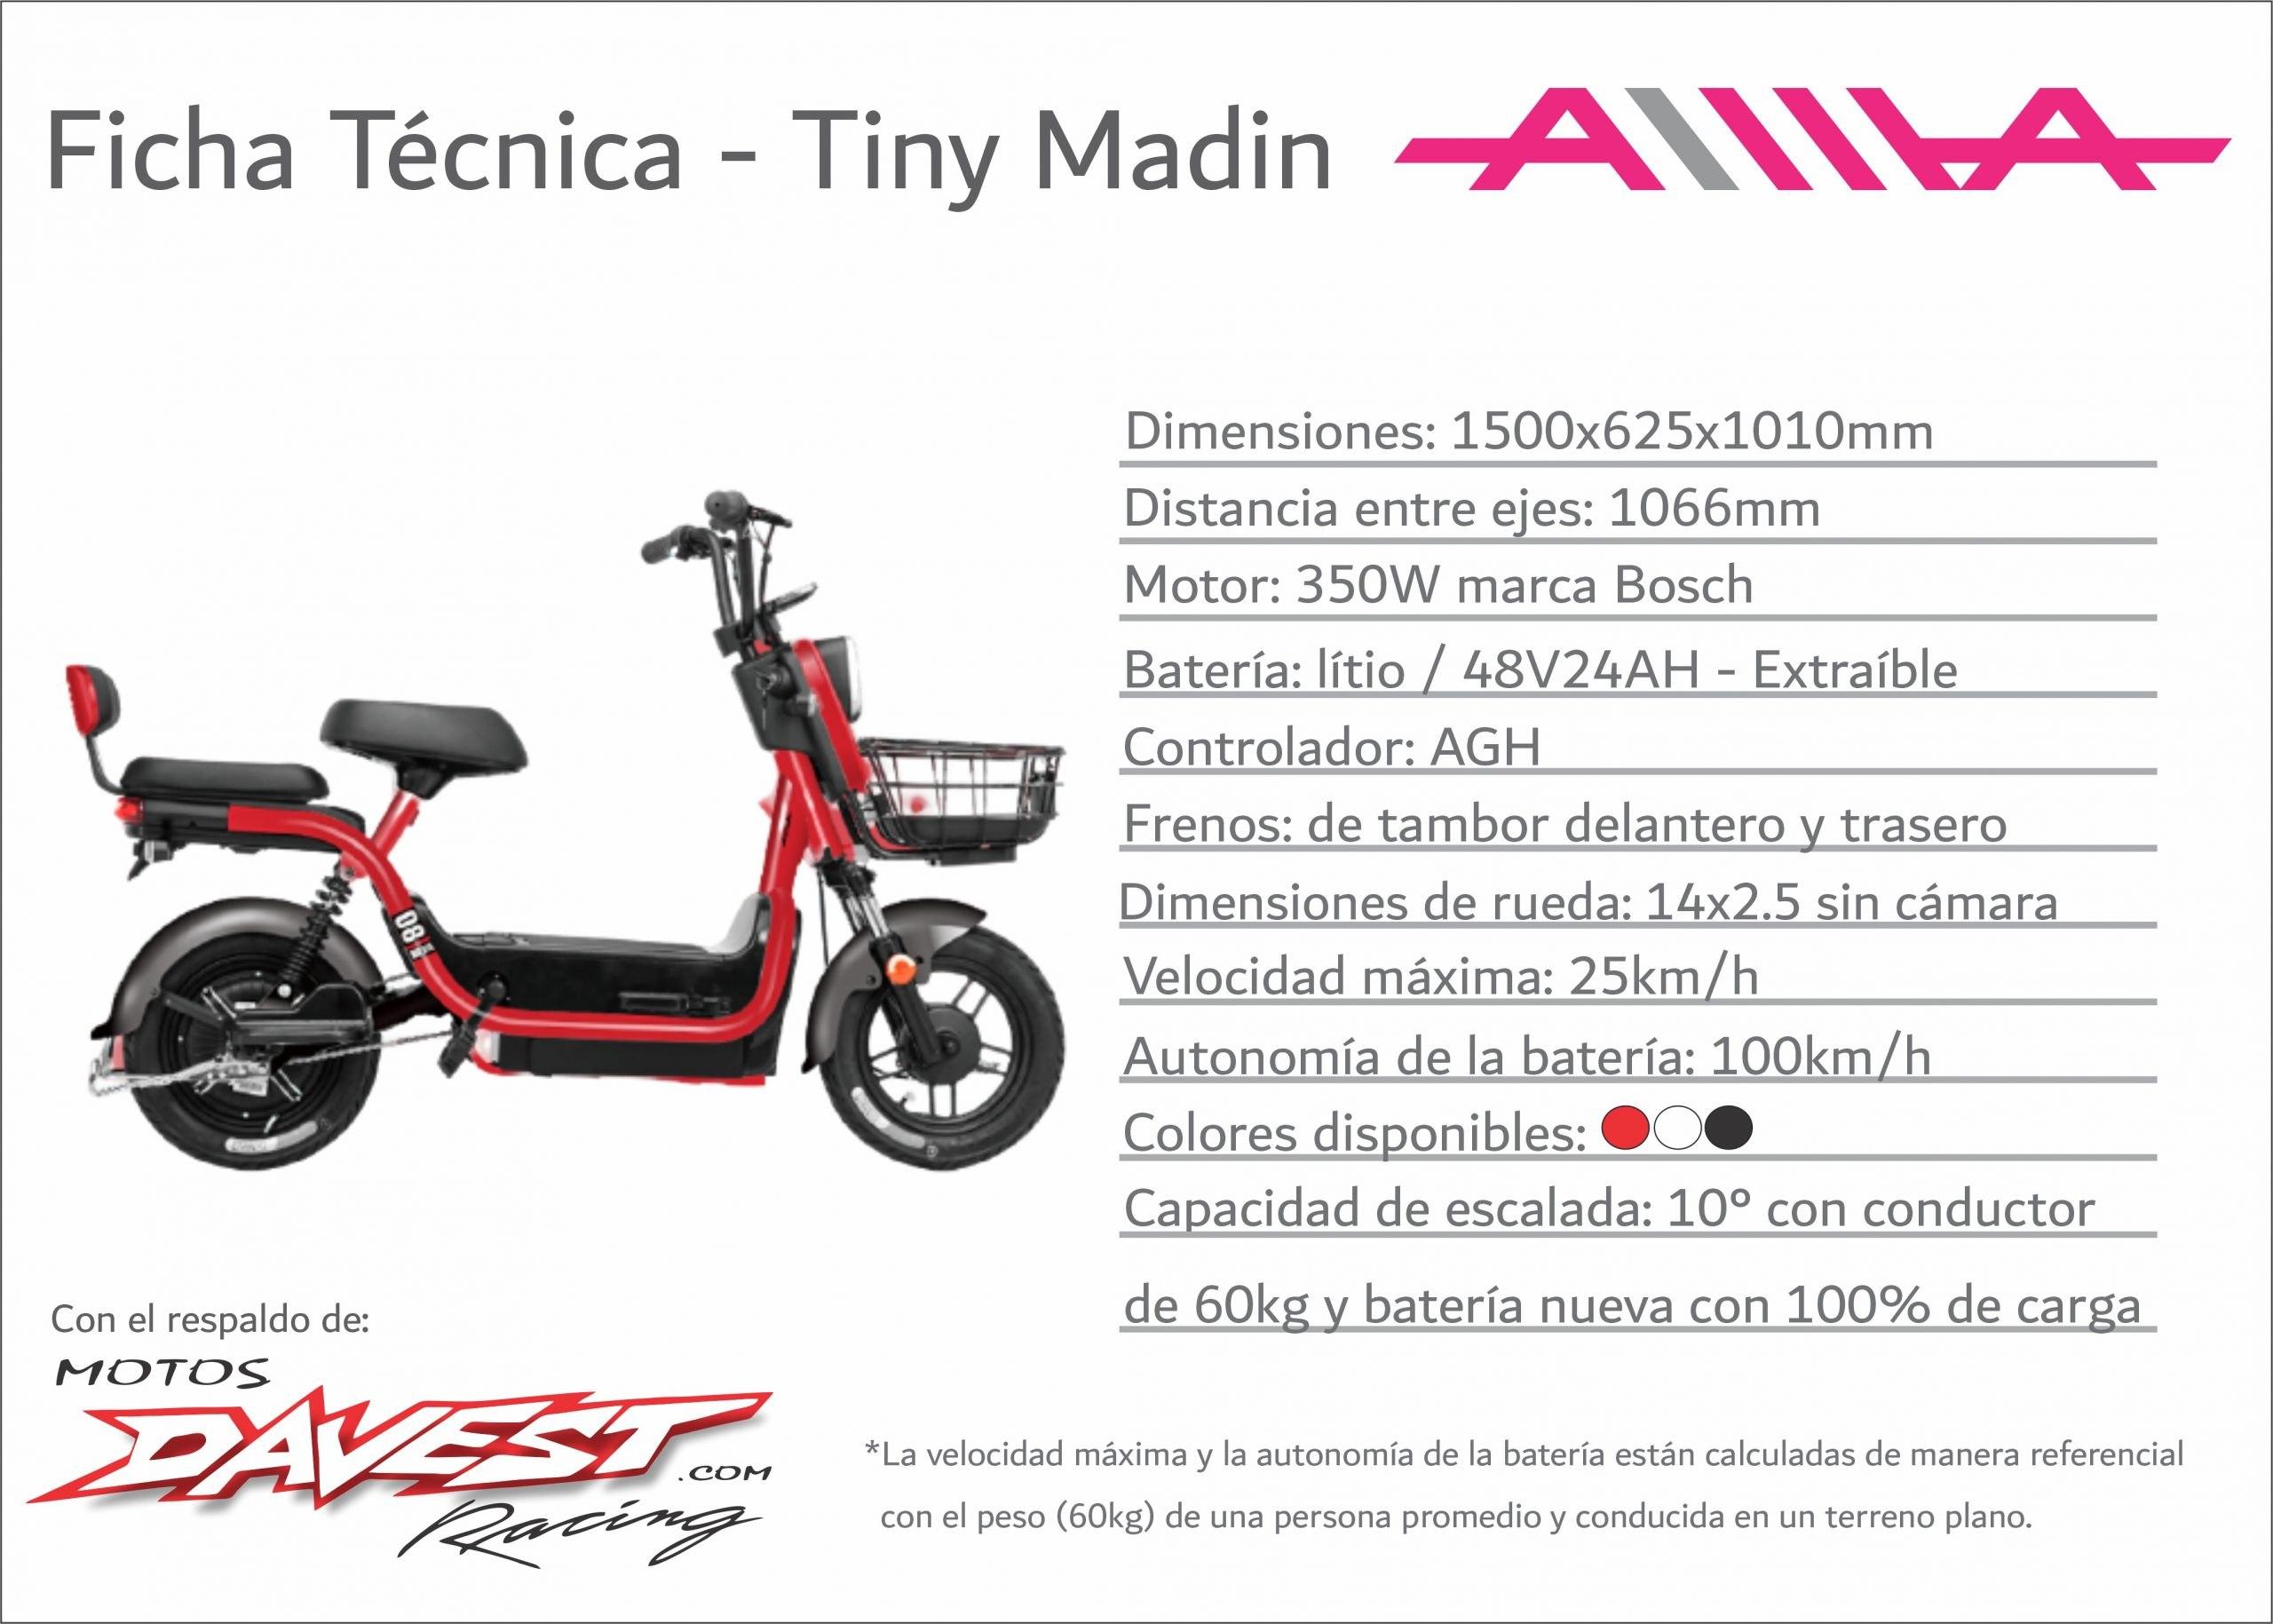 6 Ficha tecnica Tiny Madin scaled AIMA Peru - Motos Electricas Peru